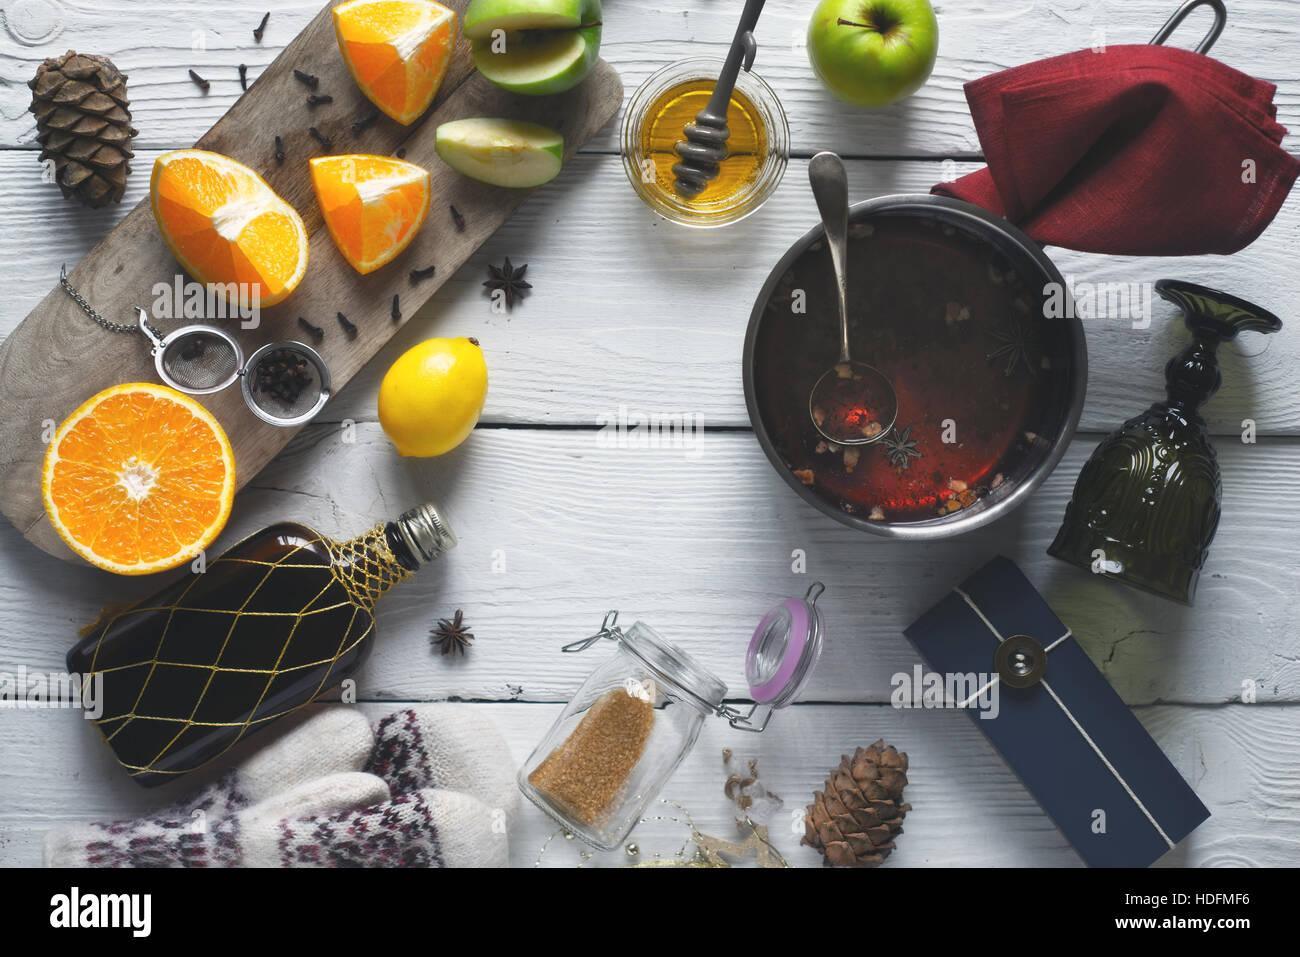 Zutaten für Glühwein auf der weißen hölzernen Tischplatte anzeigen Stockfoto